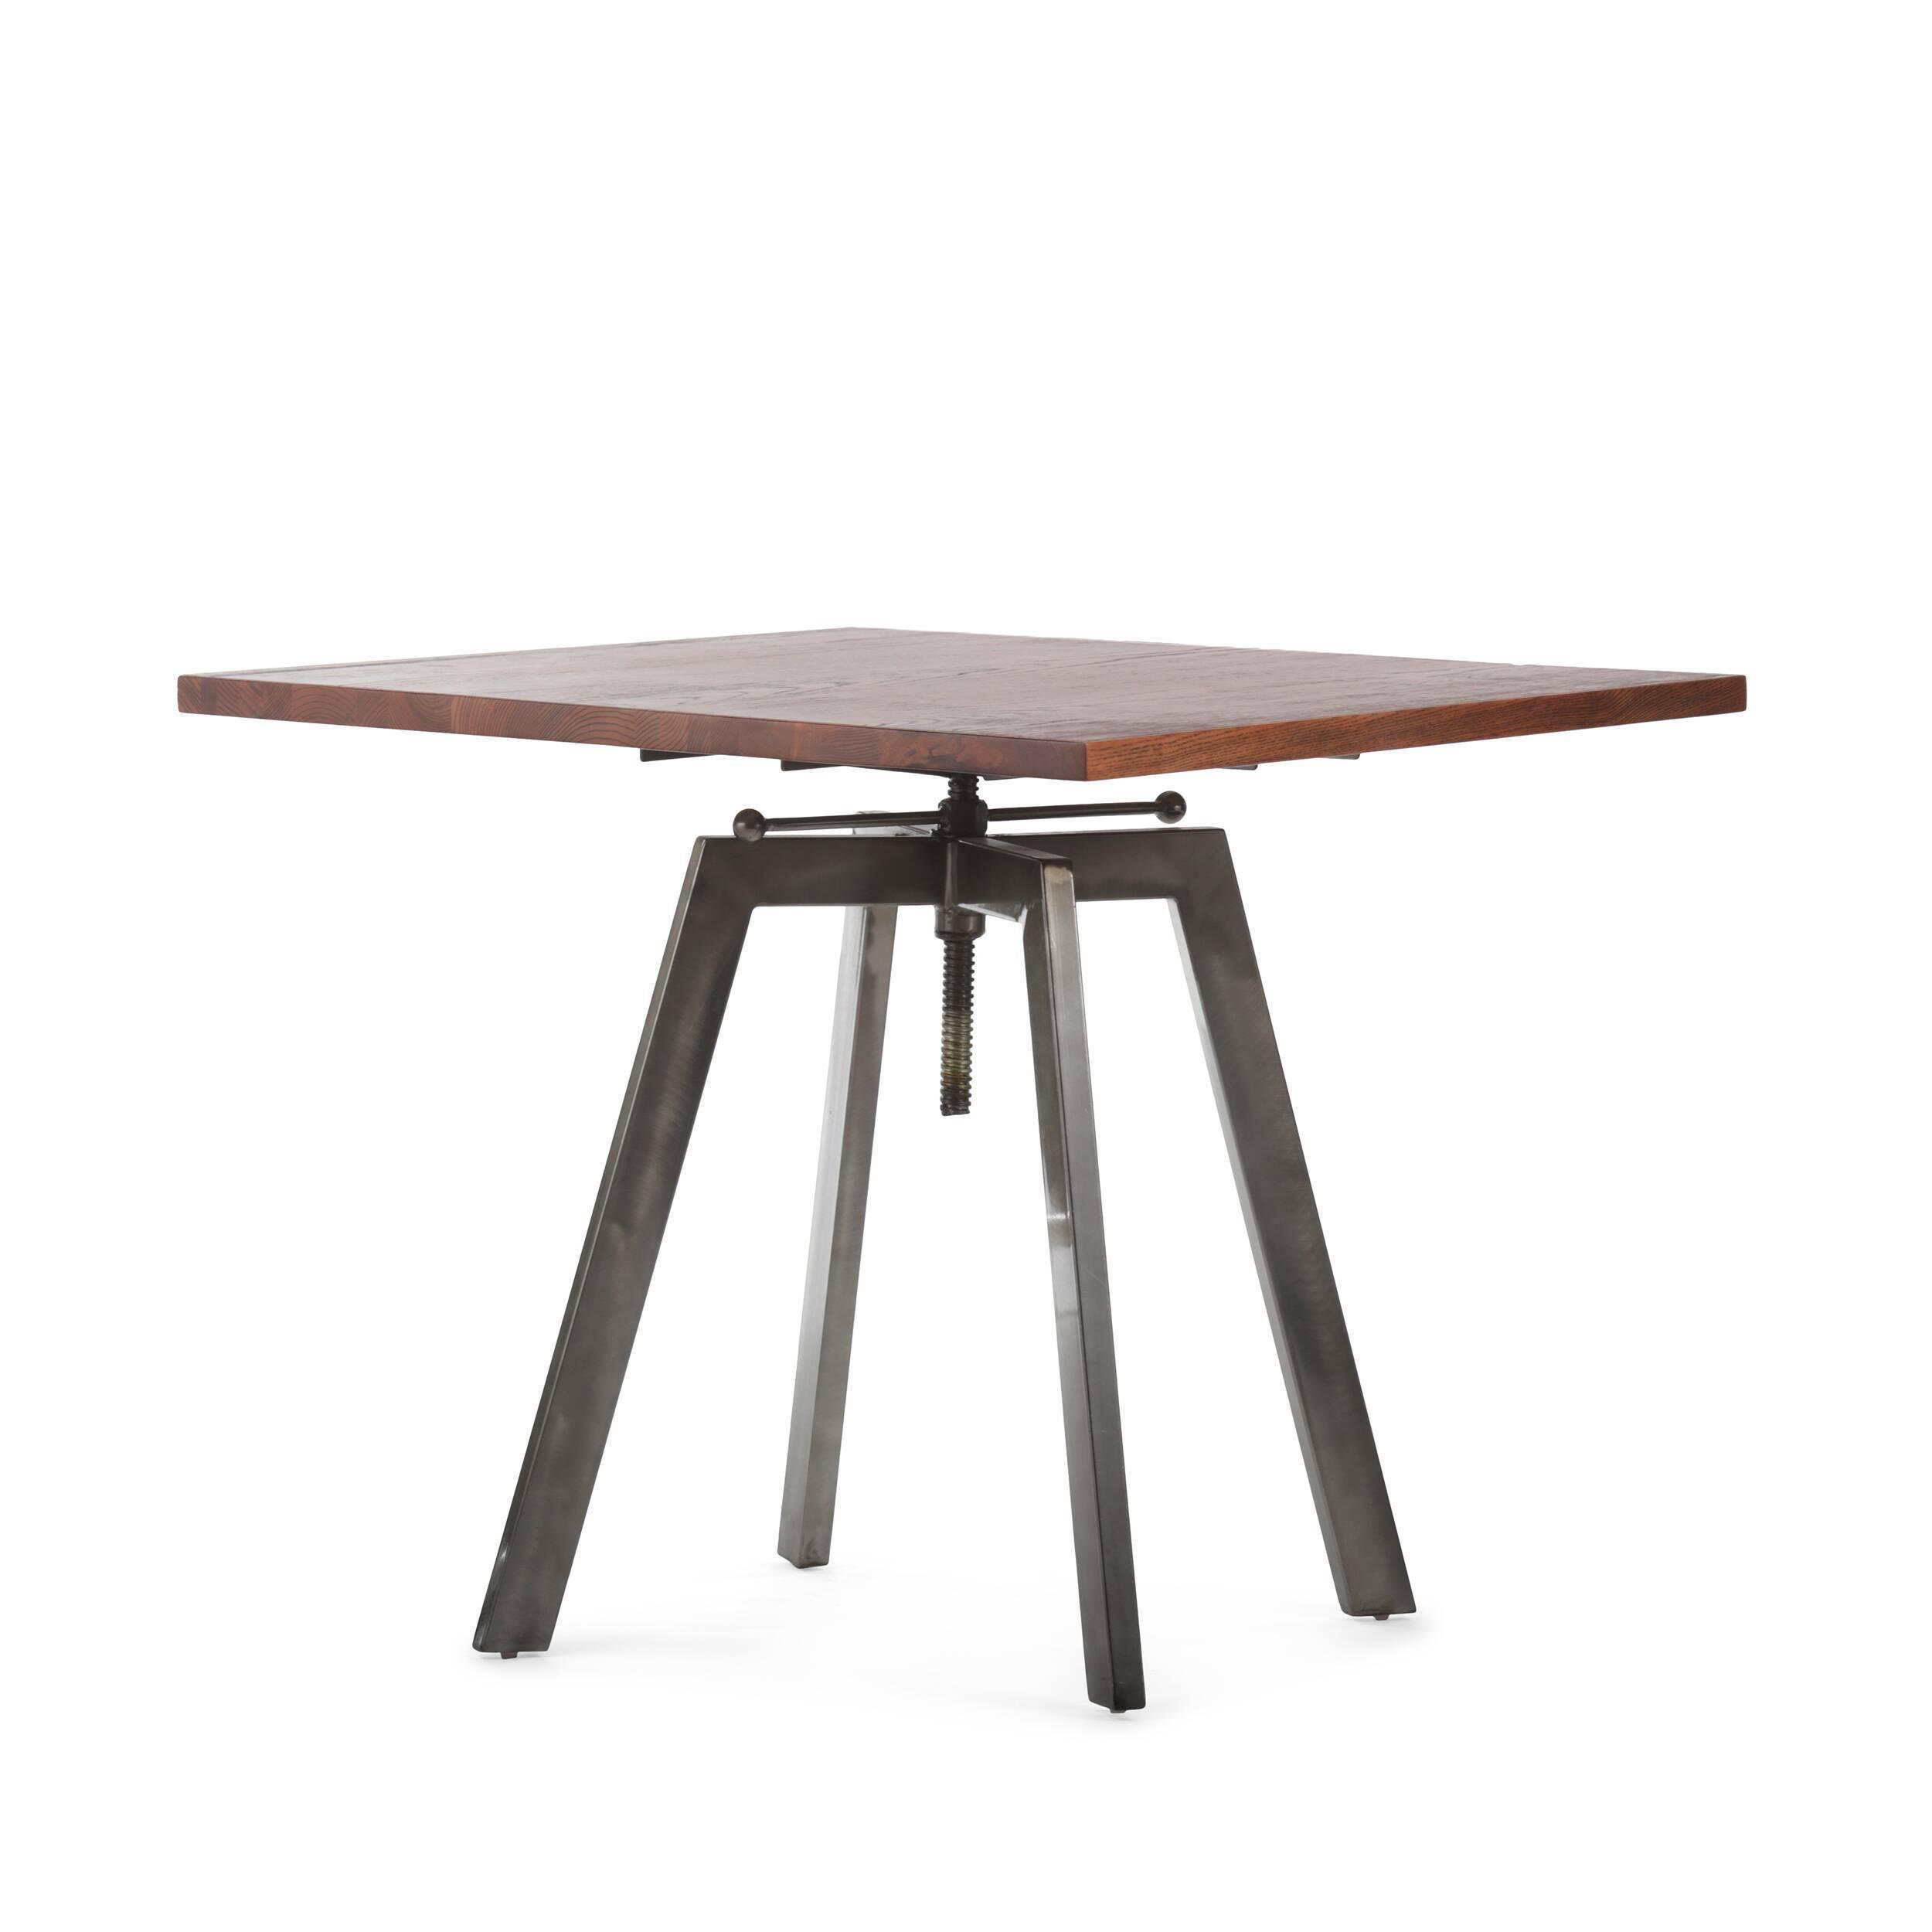 Обеденный стол ToughОбеденные<br>Дизайнерская квадратный обеденный стол Tough в индустриальном стиле со столешницей из массива дерева от Cosmo (Космо).Никакая обеденная зона не обойдется без обеденного стола — полноценного участника интерьера, собирающего всю семью за трапезой. Стол Tough — это массивный обеденный стол в индустриальном стиле, о чем говорят подобранные материалы и конструкция изделия. Антикварная столешница из натурального дерева в сочетании с грубым металлом выглядит эффектно и колоритно. <br> <br> Важным момент...<br><br>stock: 0<br>Высота: 72-92<br>Ширина: 80<br>Длина: 80<br>Цвет ножек: Бронза пушечная<br>Цвет столешницы: Антикварный<br>Материал столешницы: Массив ивы<br>Тип материала столешницы: Дерево<br>Тип материала ножек: Сталь